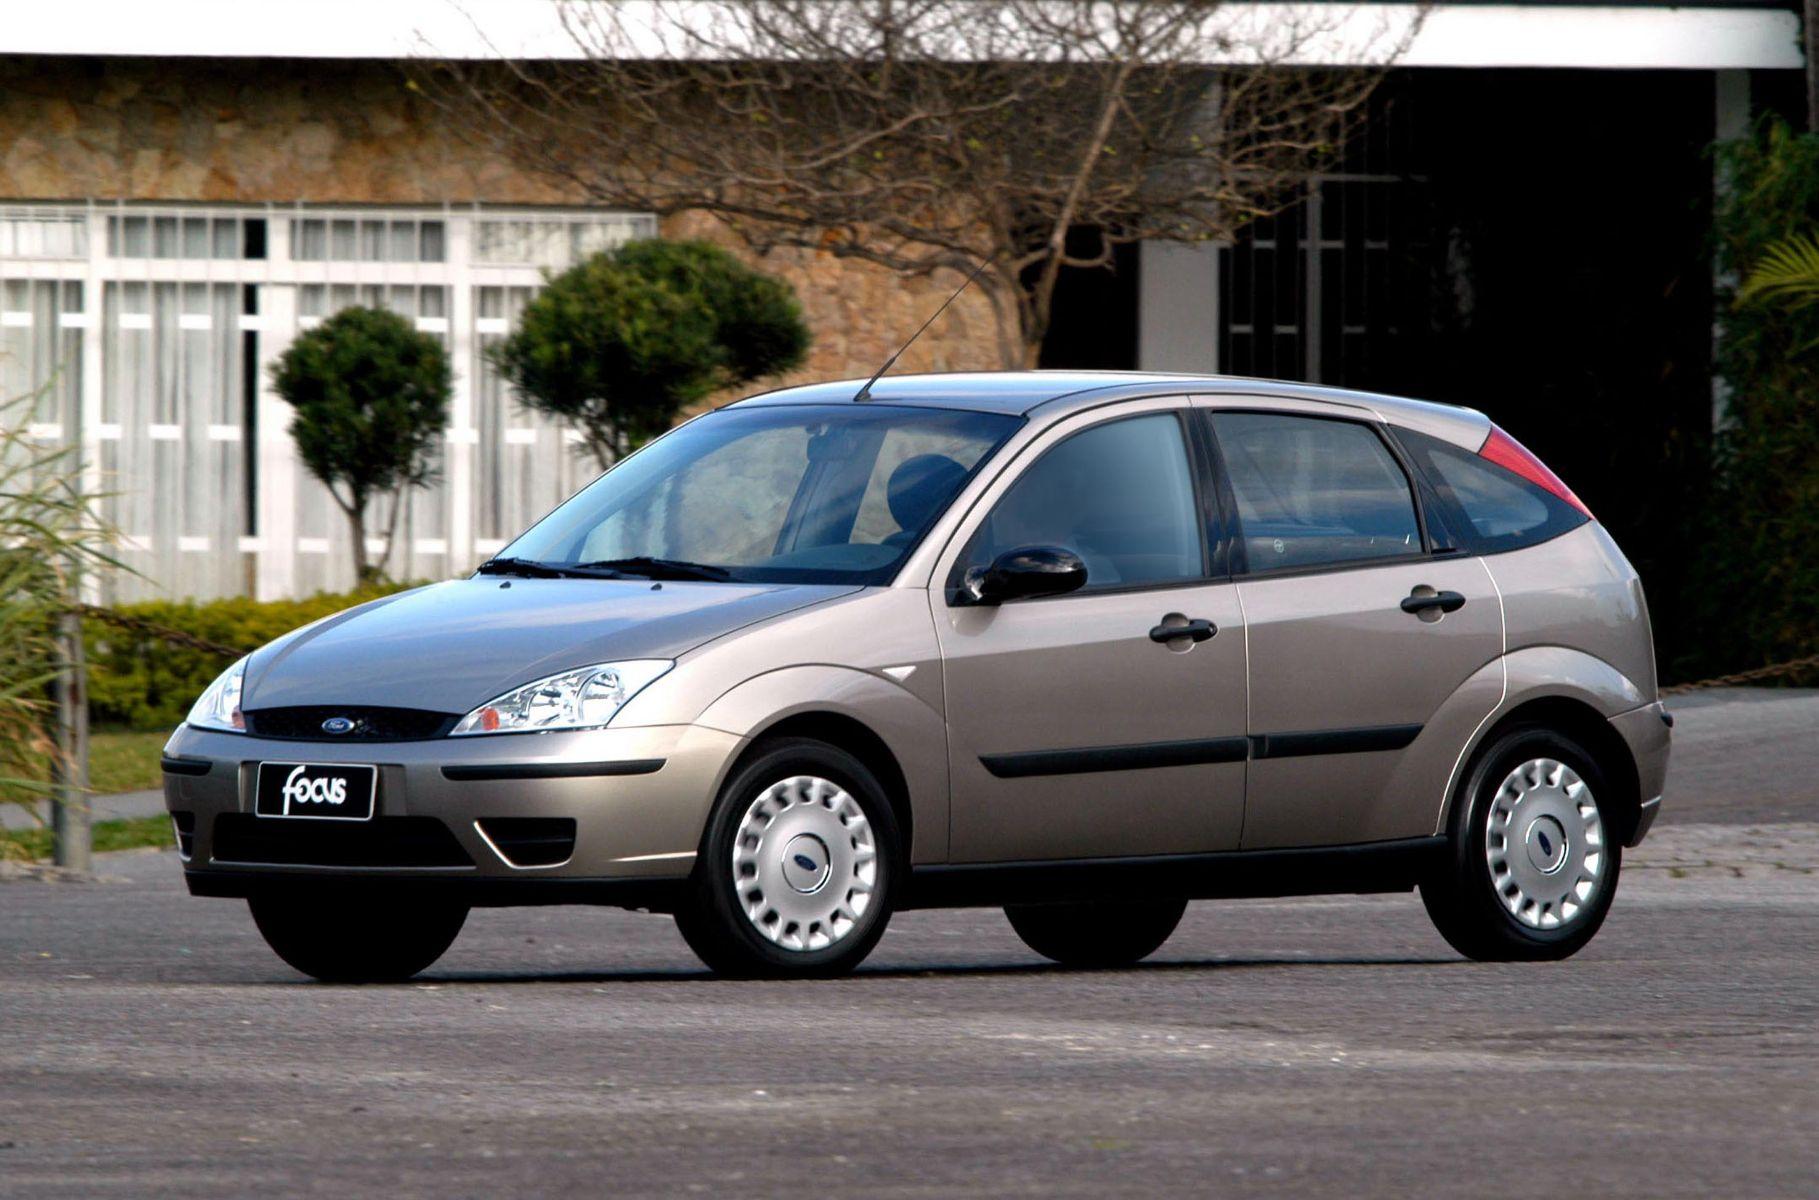 ford focus gl 1 6 cinza frente2